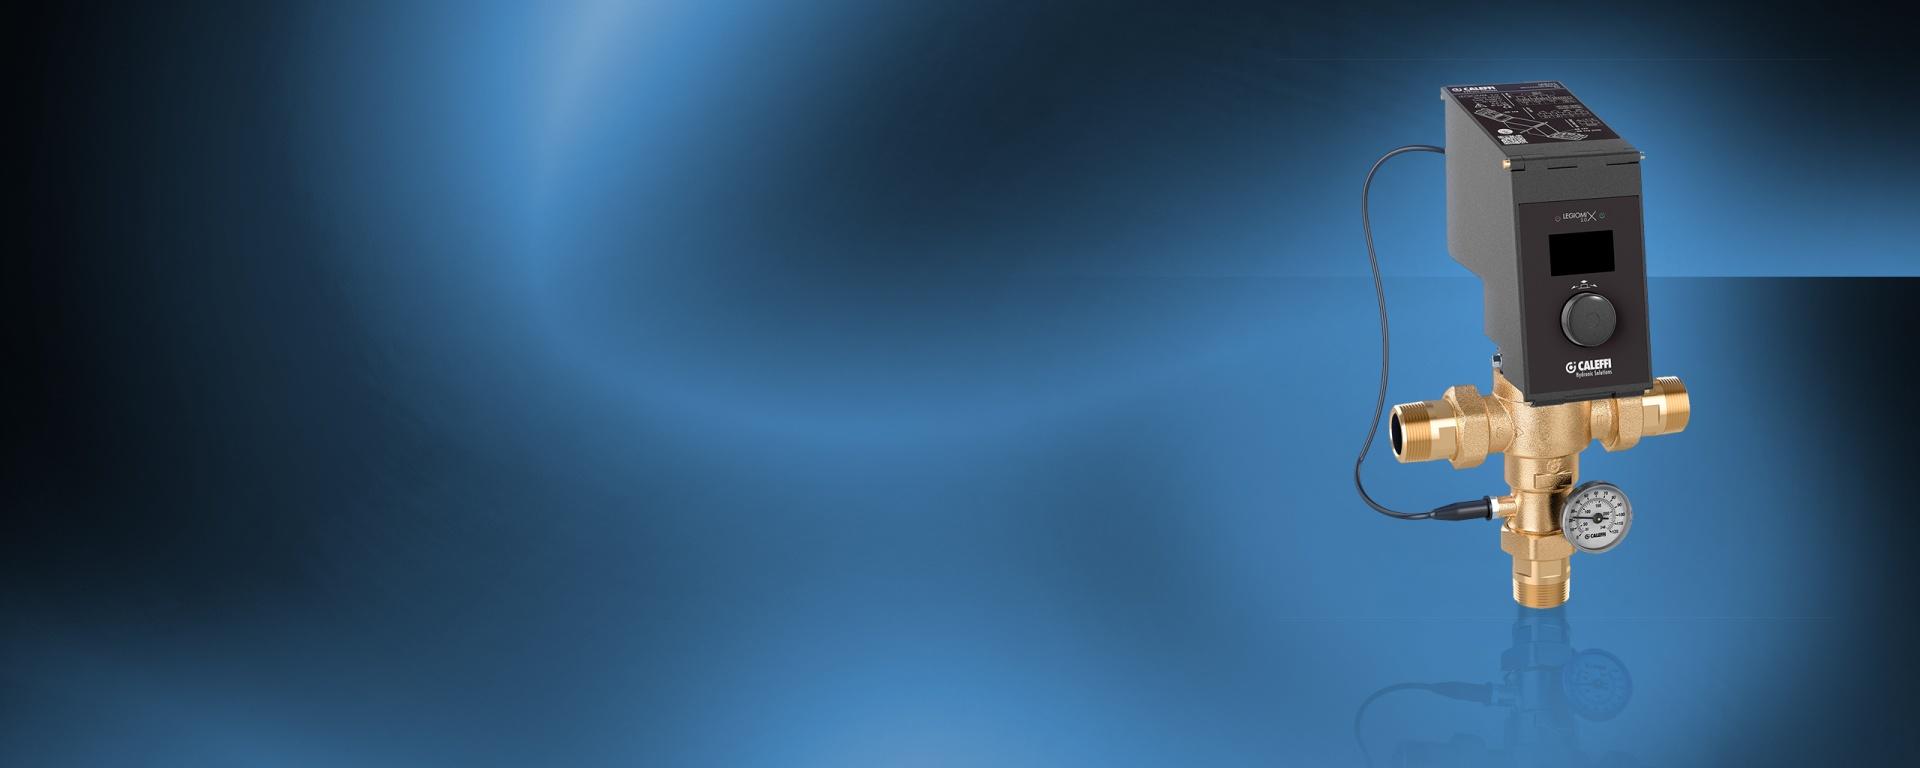 LEGIOMIX 2.0 - zdrowa woda